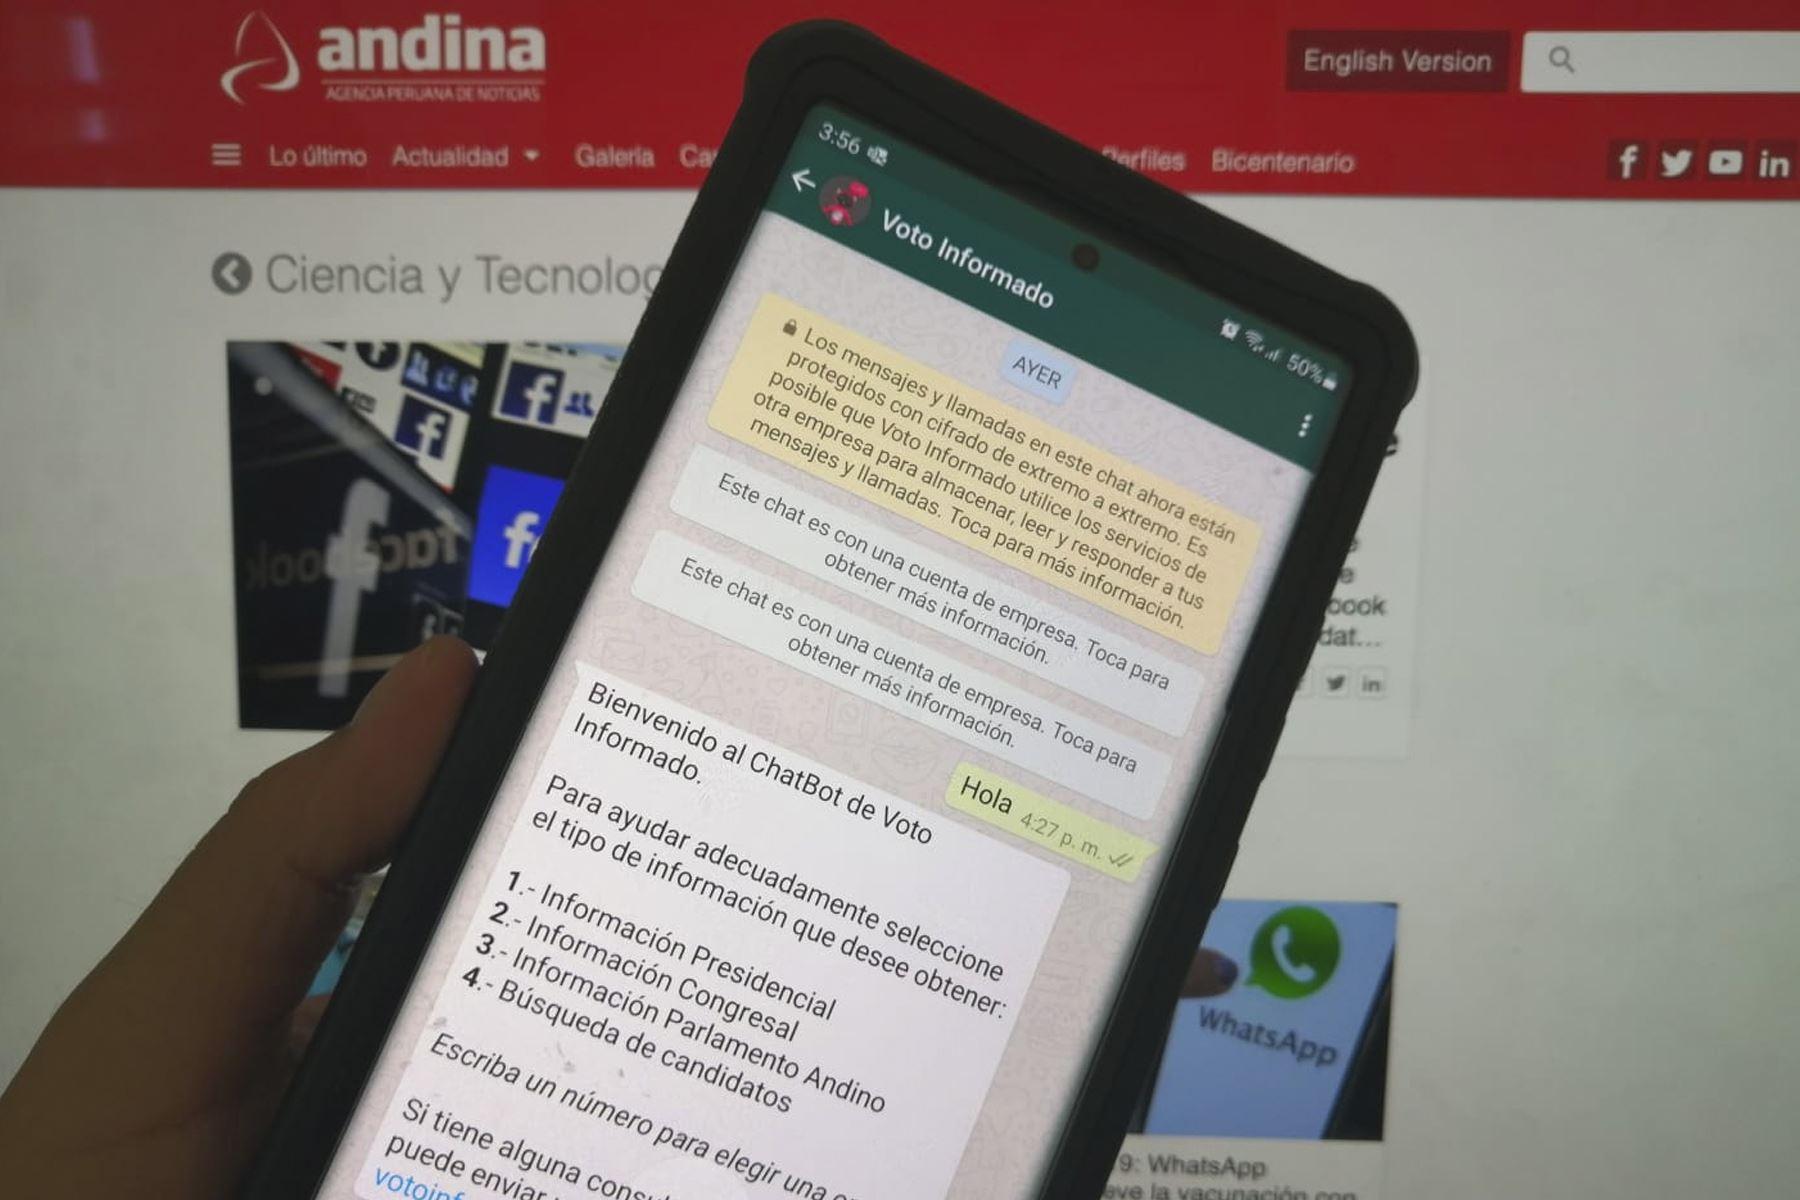 Elecciones 2021 Whatsapp Y Jne Luchan Contra La Desinformacion Noticias Agencia Peruana De Noticias Andina